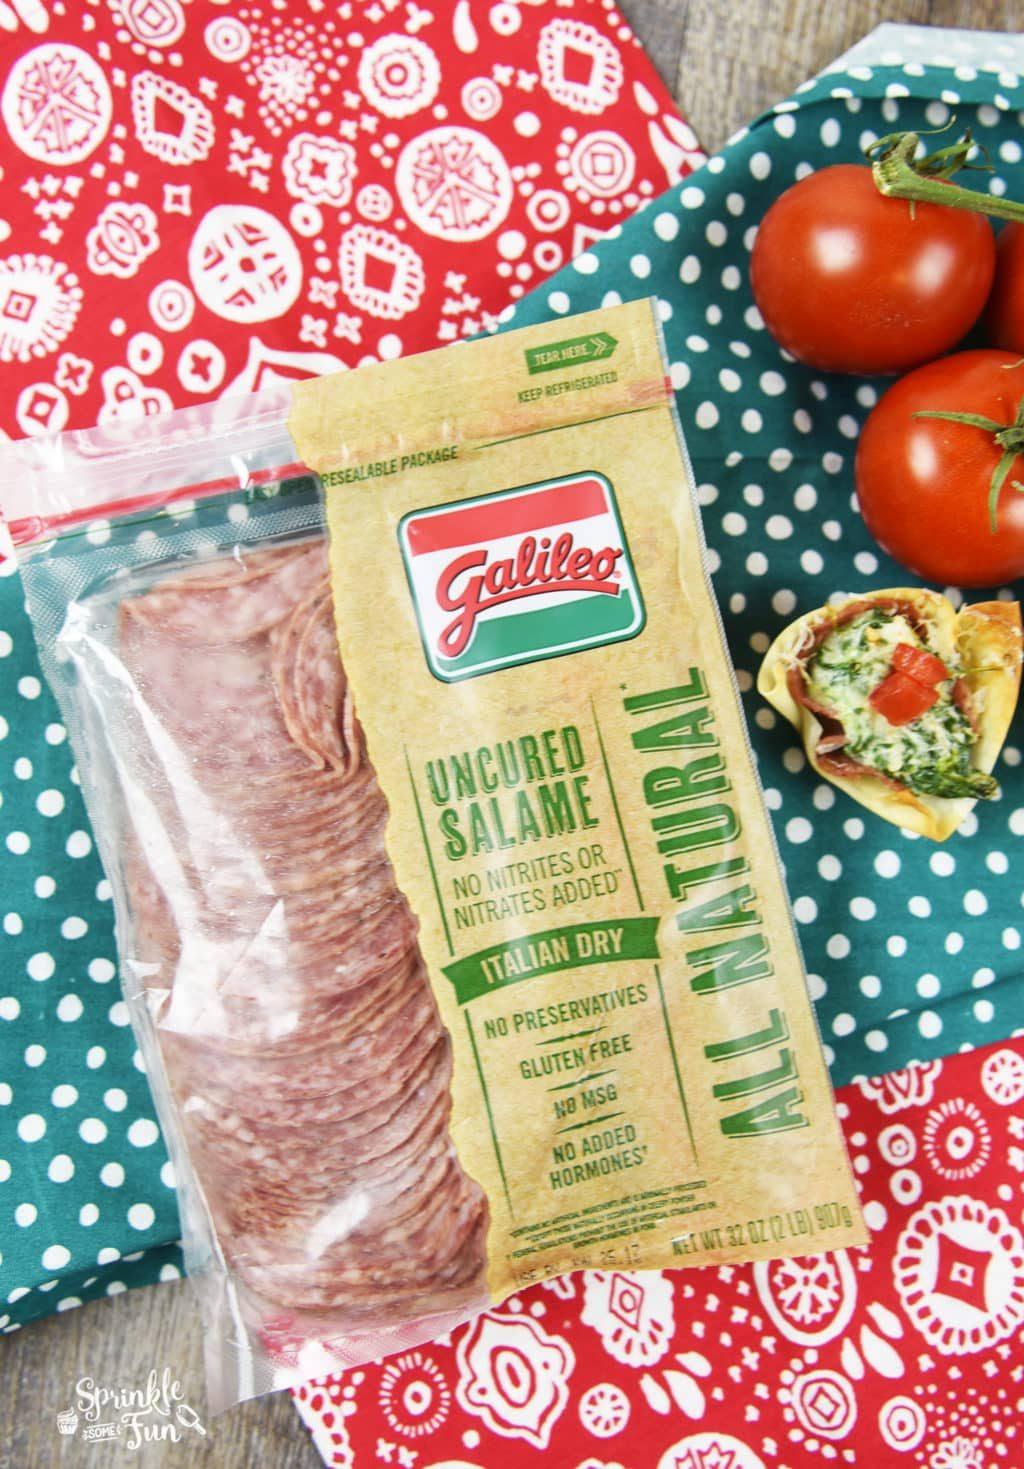 galleleo-salame